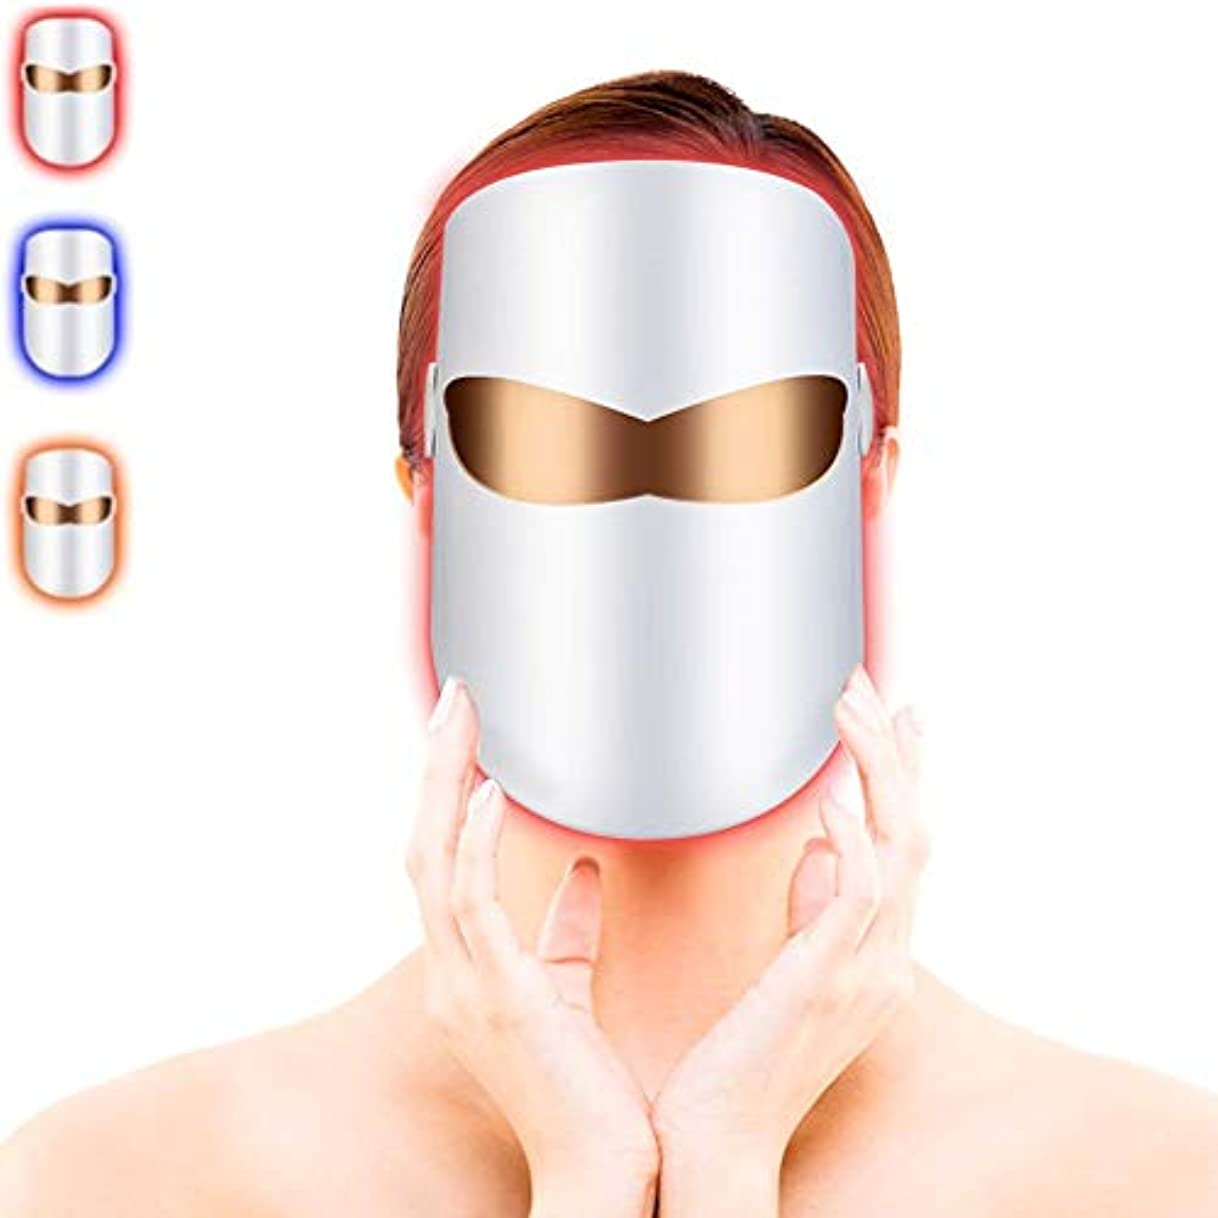 雹プレゼンターデータムLEDフェイシャルマスク、ライトセラピーフェイスマスクにきび治療、LEDフォトンセラピーフェイシャル美容マスクにきびスポットのしわコラーゲンコラーゲンスキンケアの若返りのための無制限の治療